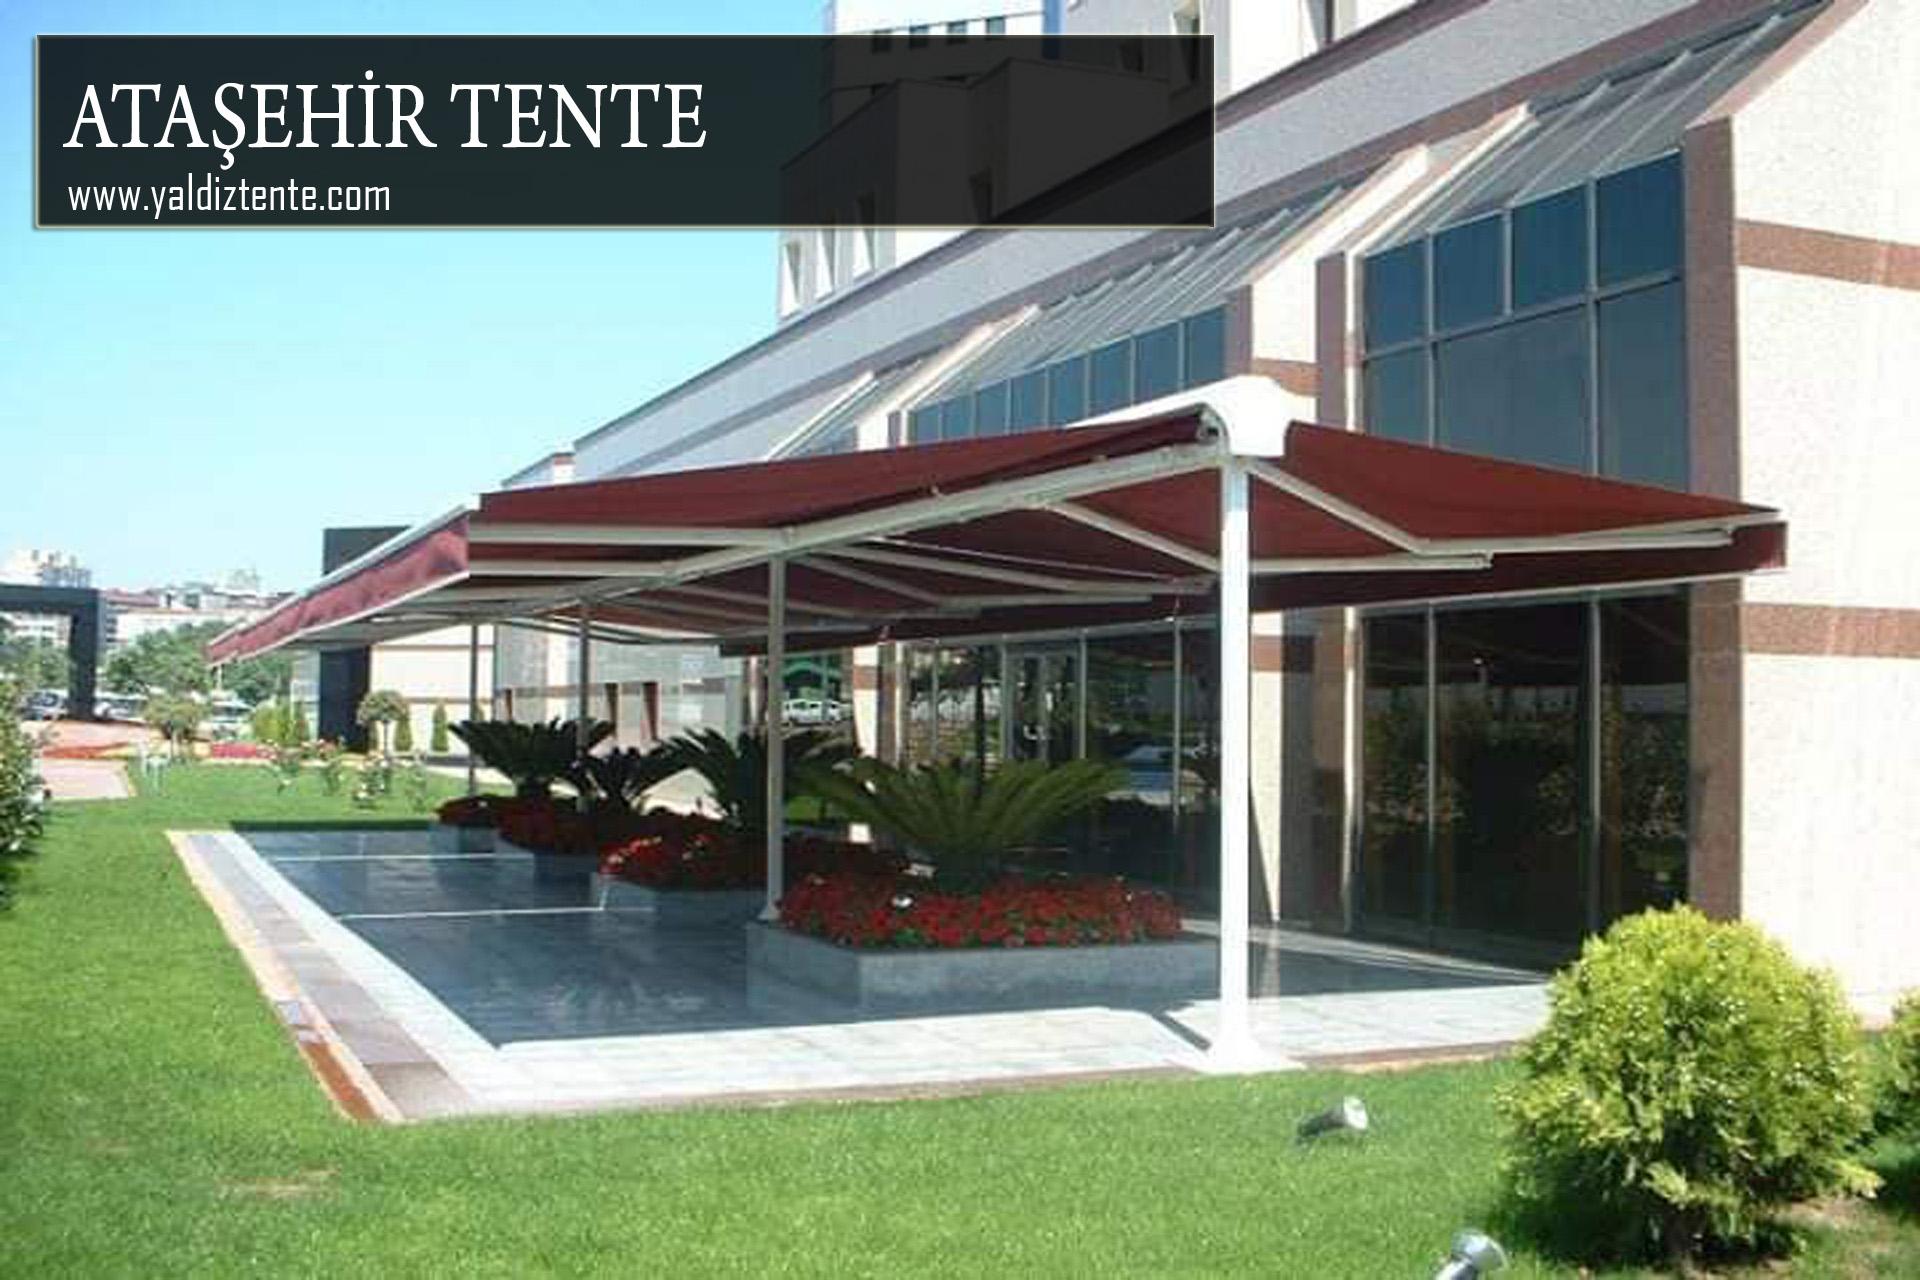 ataşehir tente